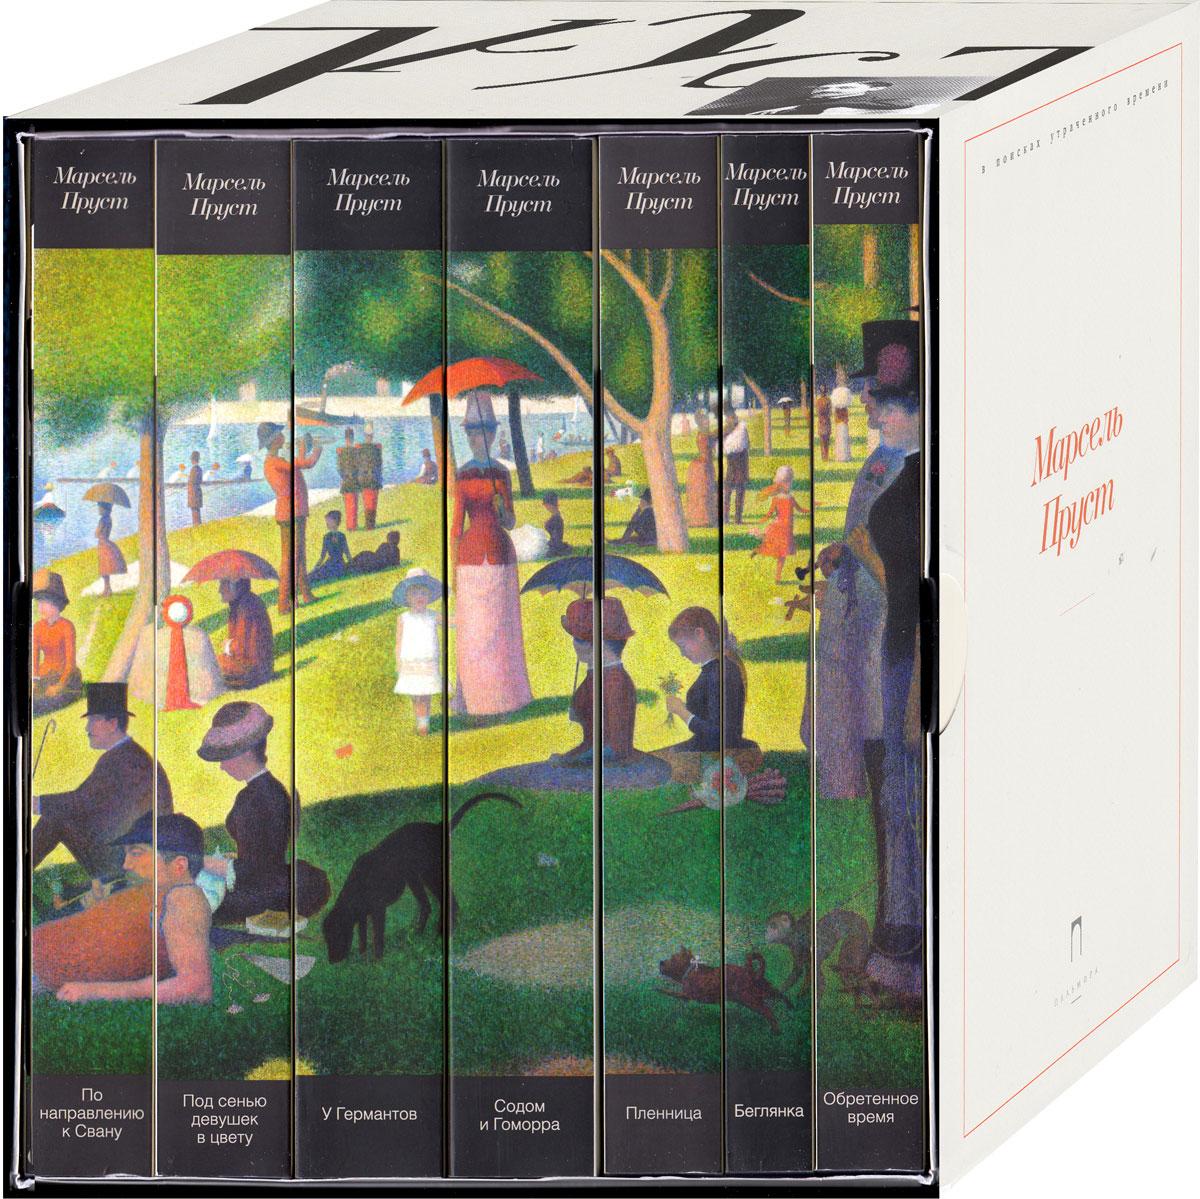 Марсель Пруст Марсель Пруст (комплект из 7 книг) в поисках священного по святым местам россии комплект из 2 книг